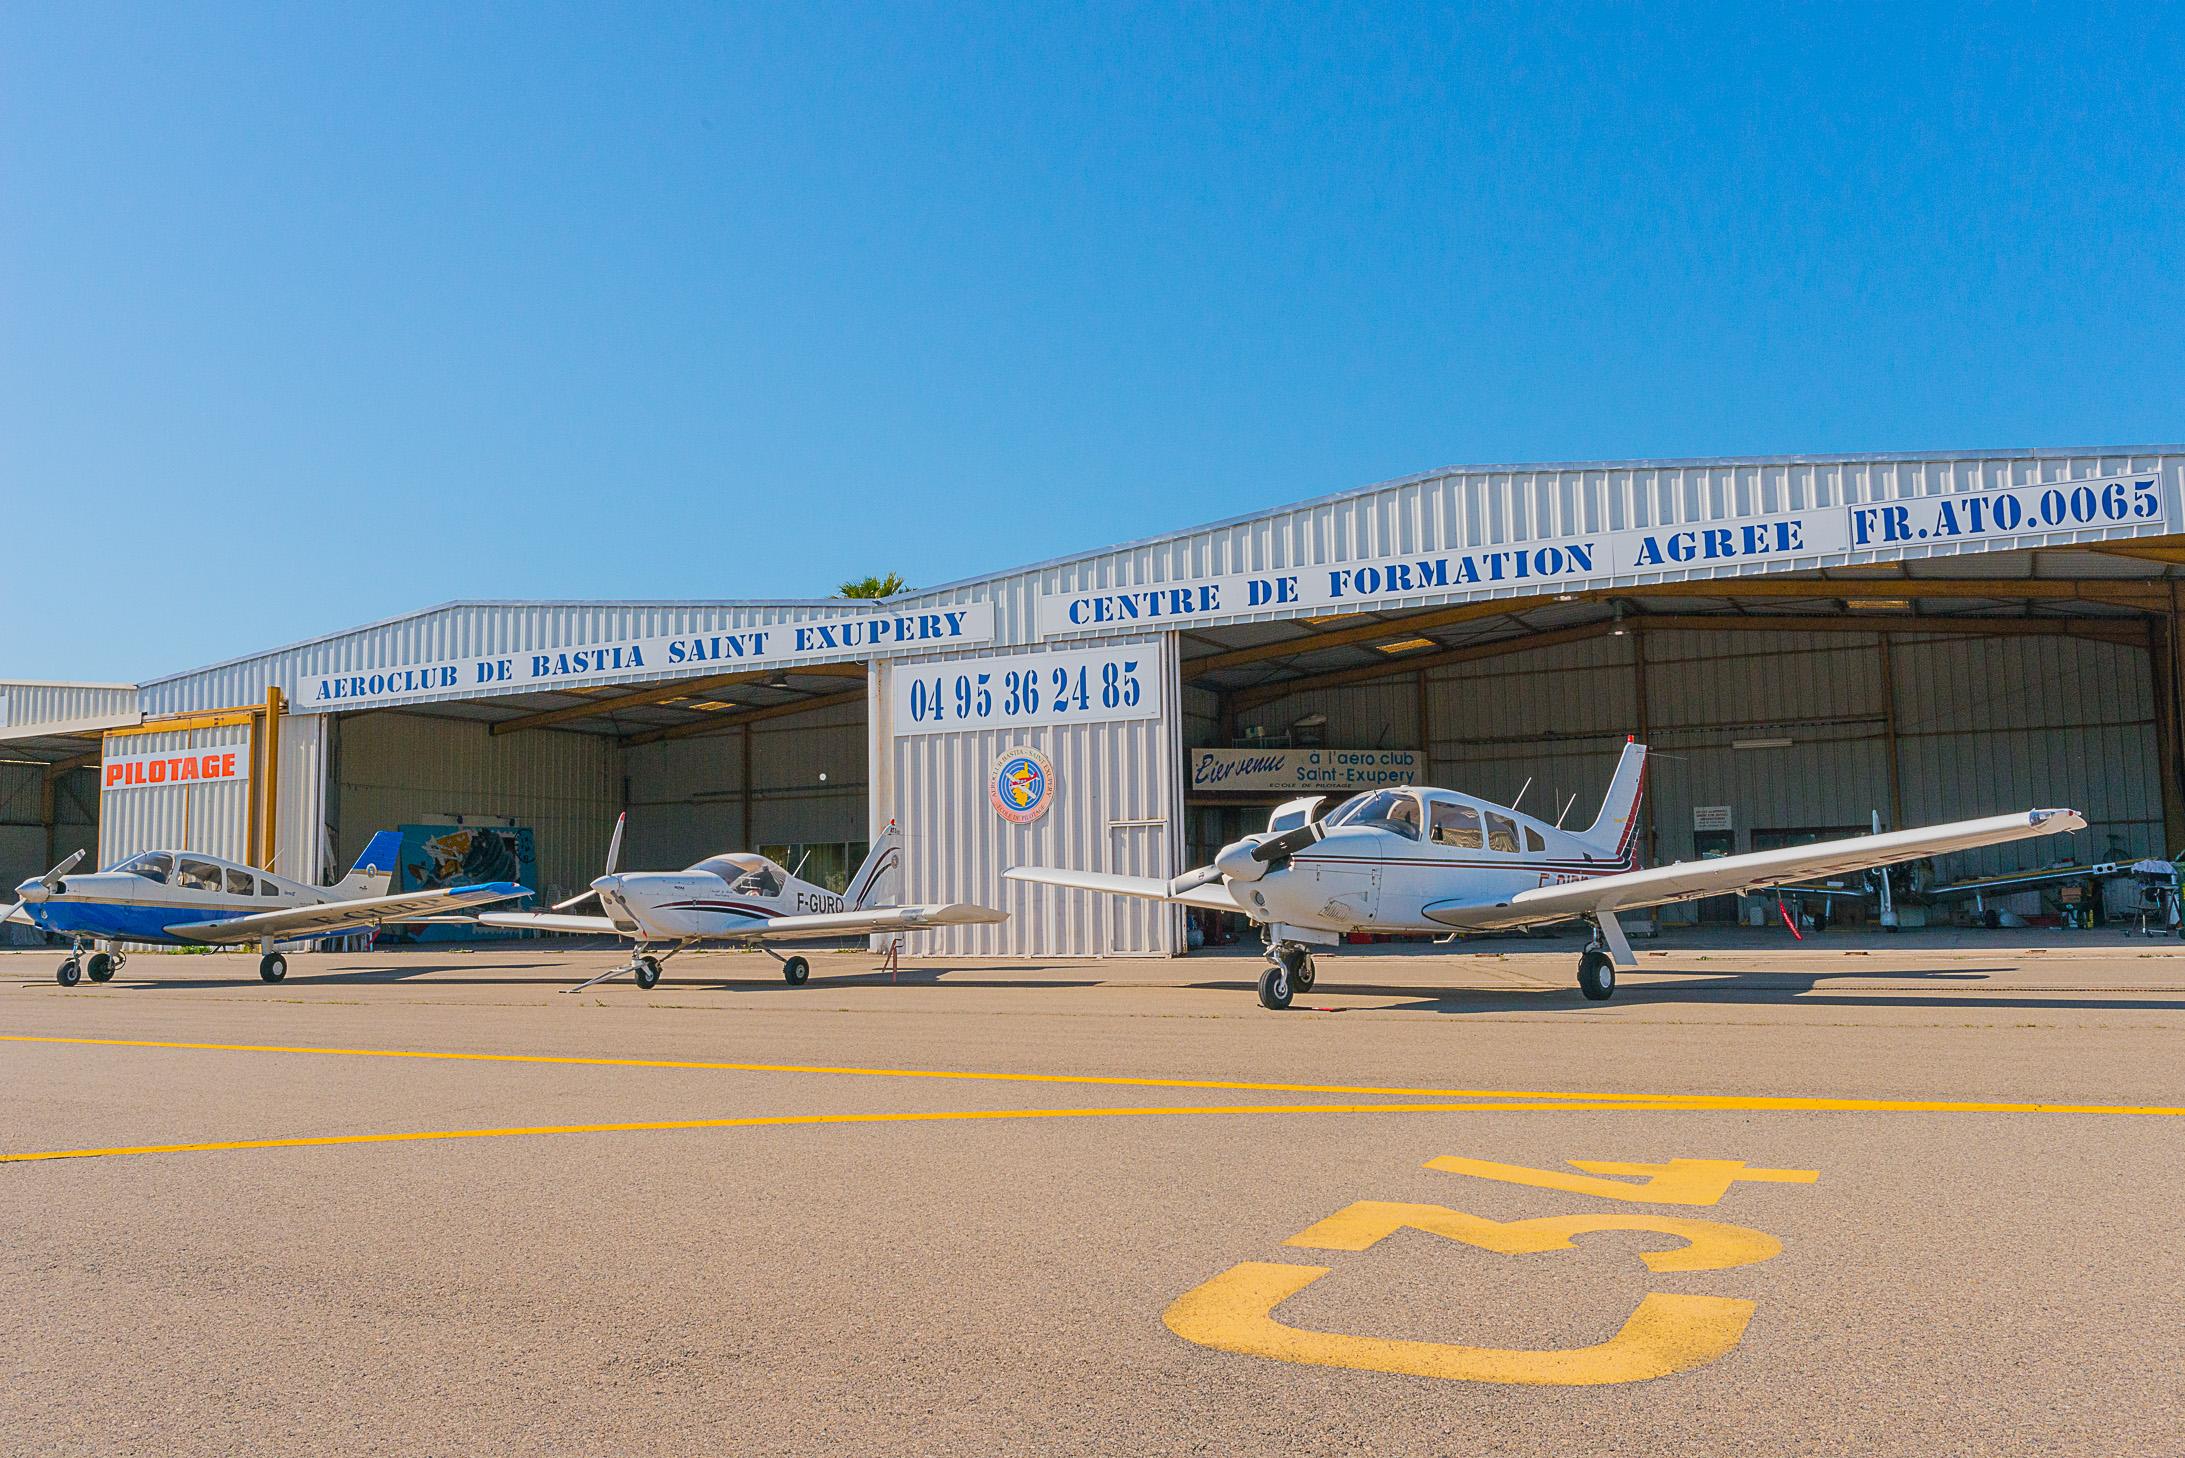 Nos trois aéronefs prêts pour le meeting de l'air de Zara!